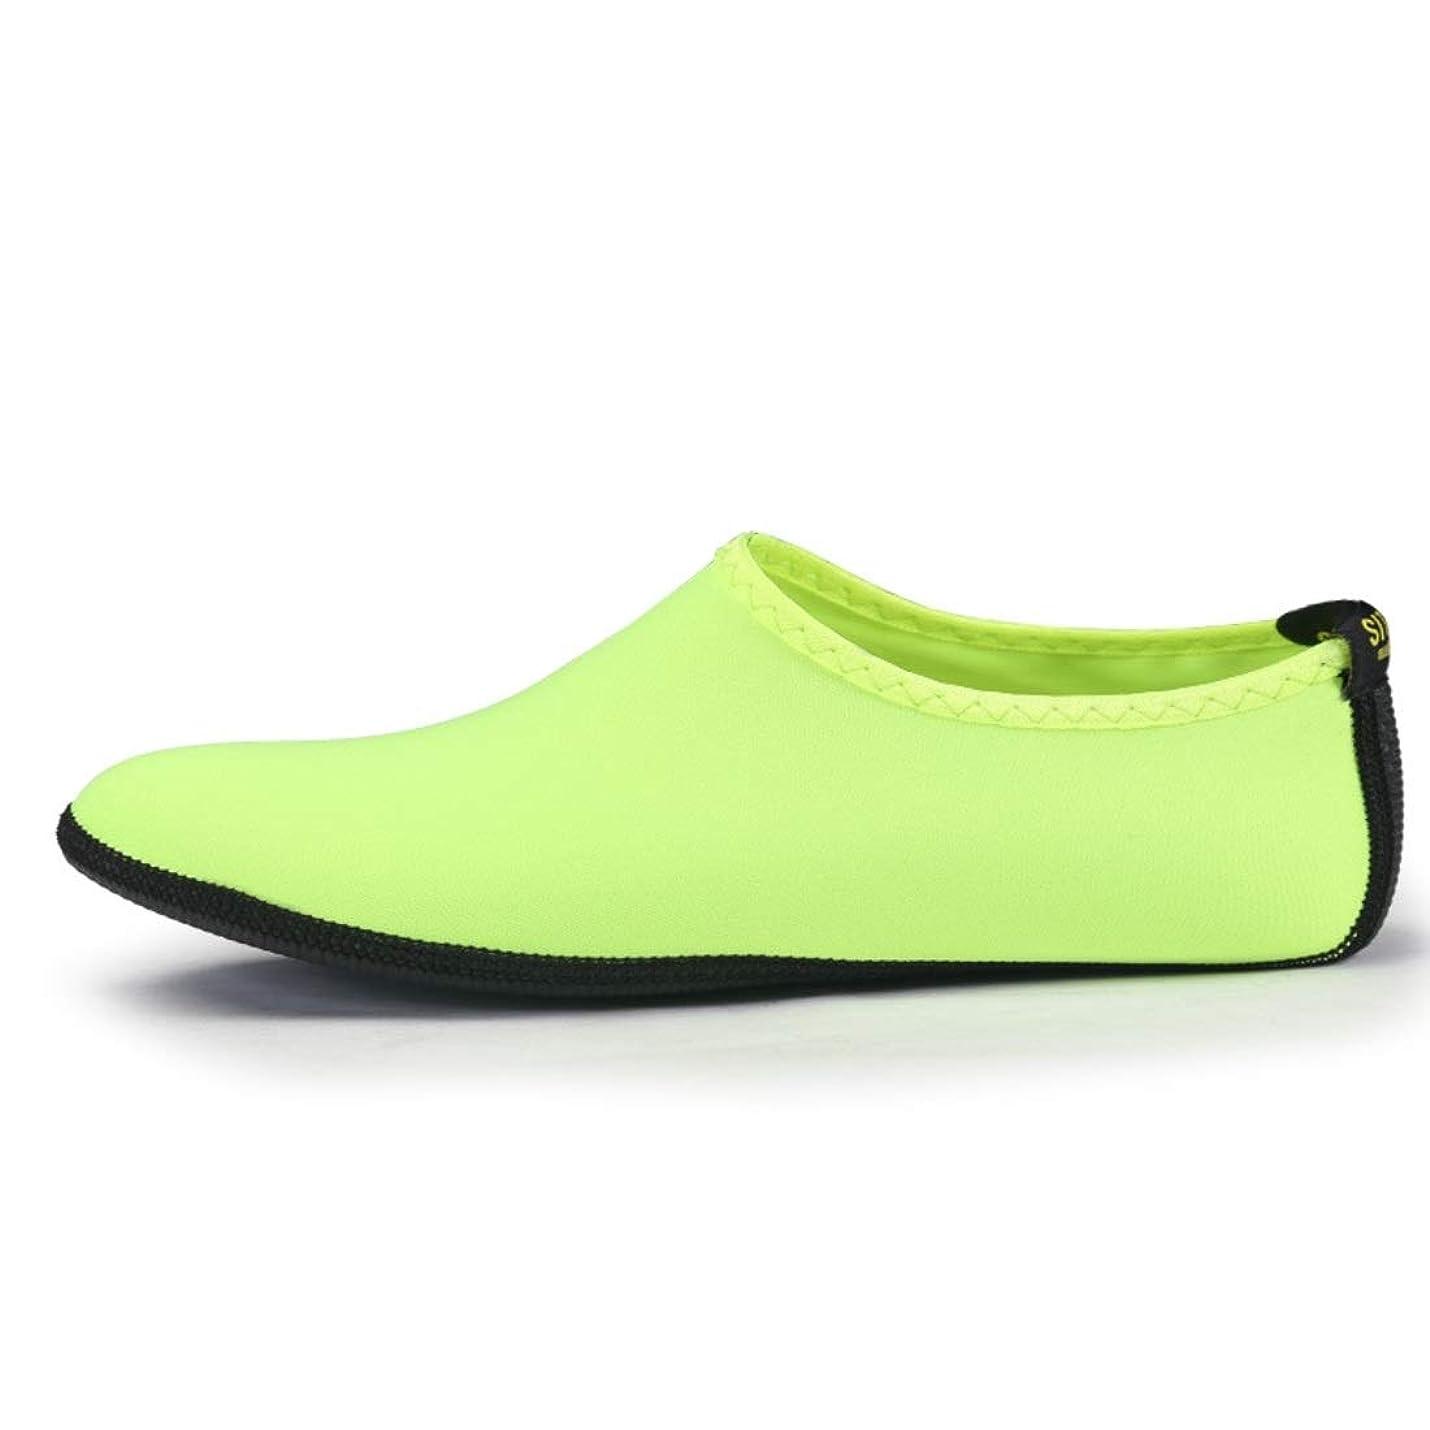 プロフェッショナルコンサートソーシャルJOYS CLOTHING 新しいマルチカラーの男性と女性のダイビングソックスシュノーケリングソックス大人のビーチソックスシューズスリップ (Color : Green, Size : M)